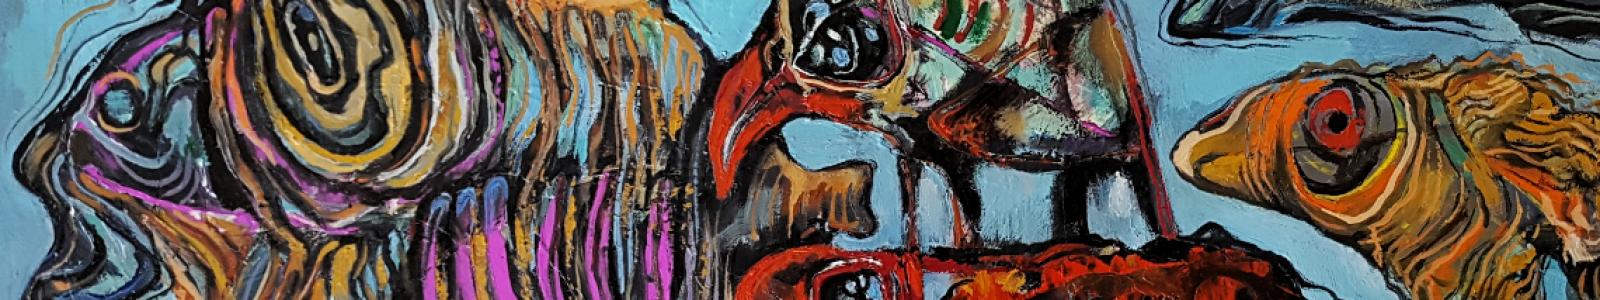 Gallery Painter Redas Luciunas